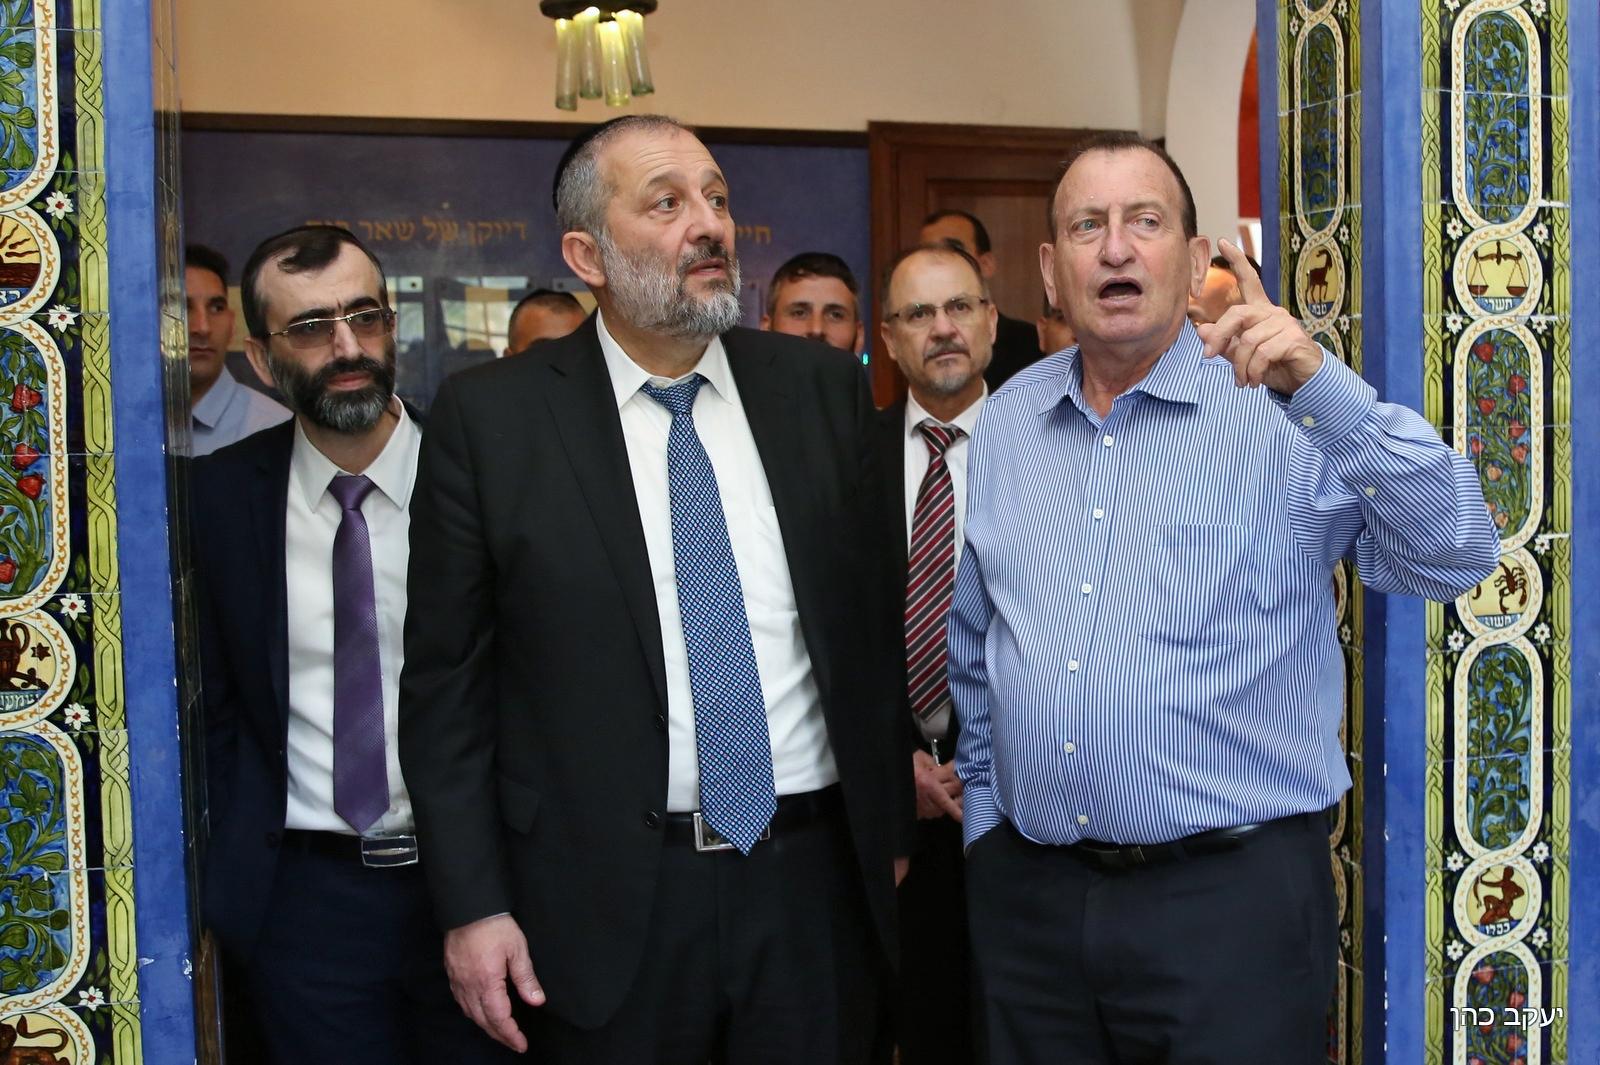 דרעי, חולדאי, אלנתן ובכירים העירייה